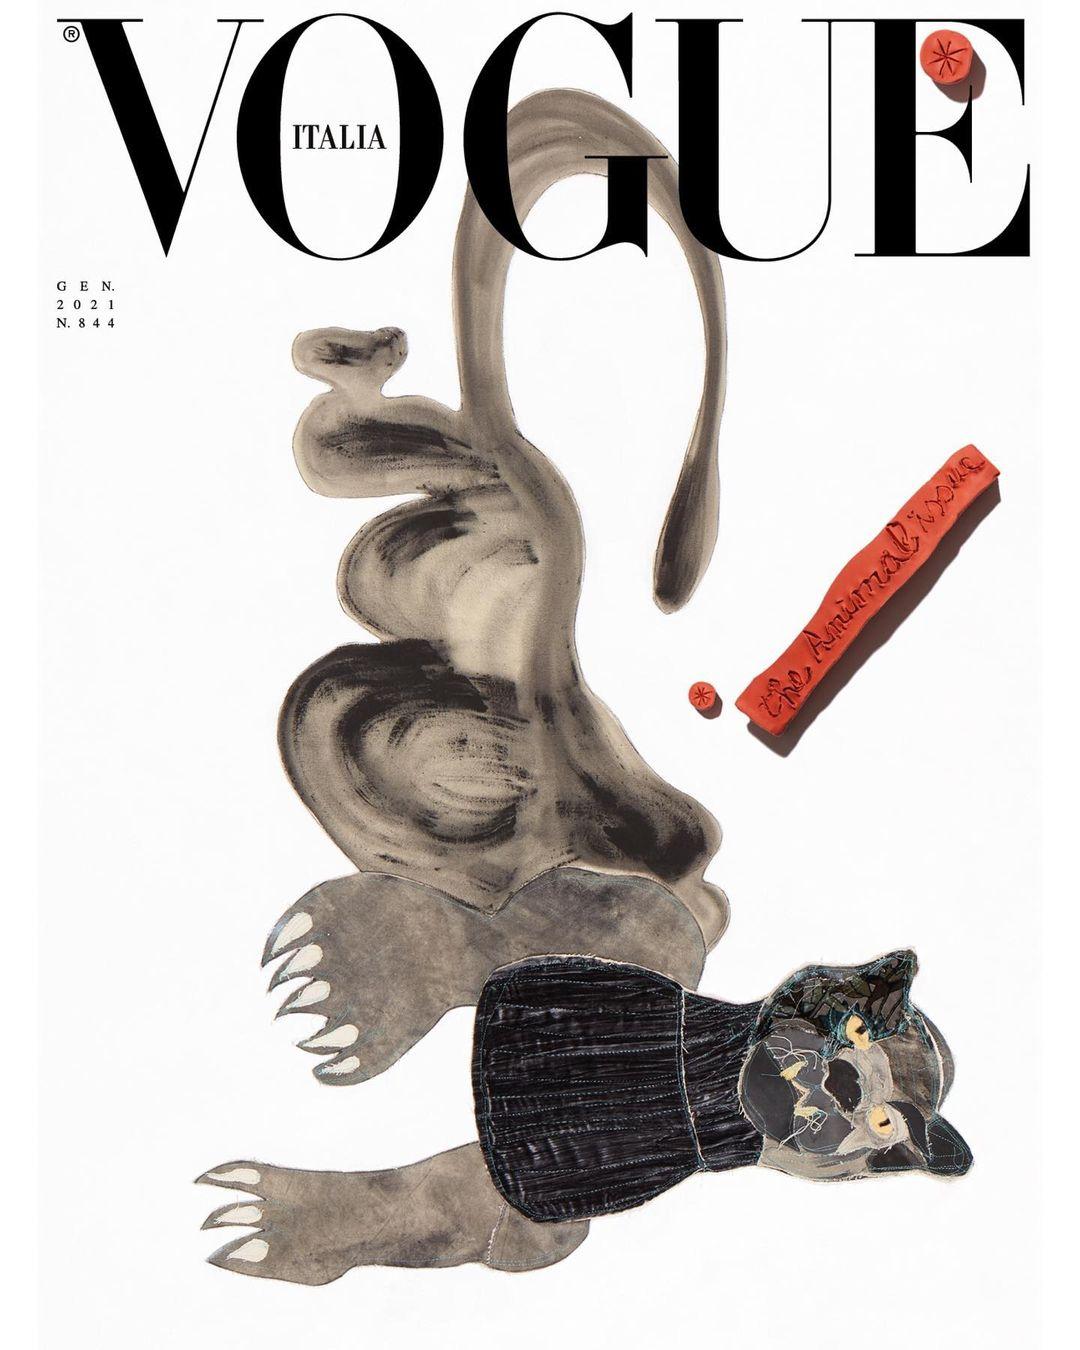 Vogue Italia 3